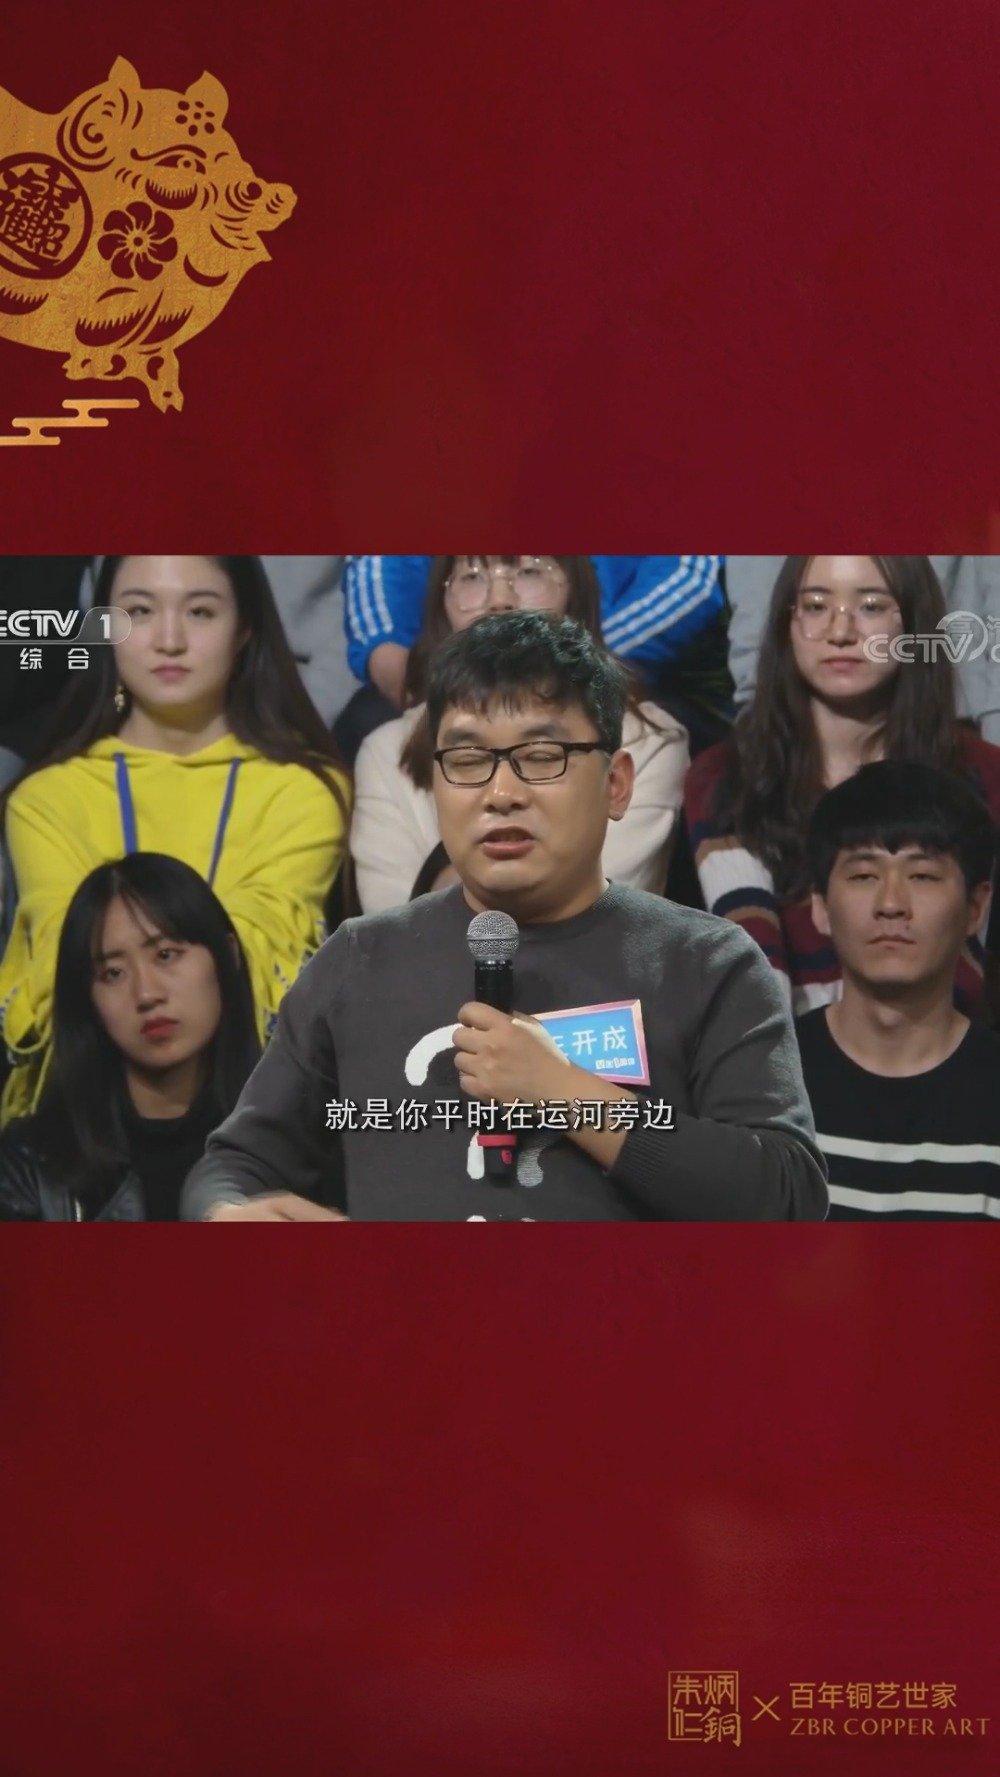 铜雕工艺美术大师,朱斌仁老师与《开讲啦》@奇人匠心 @微博国学